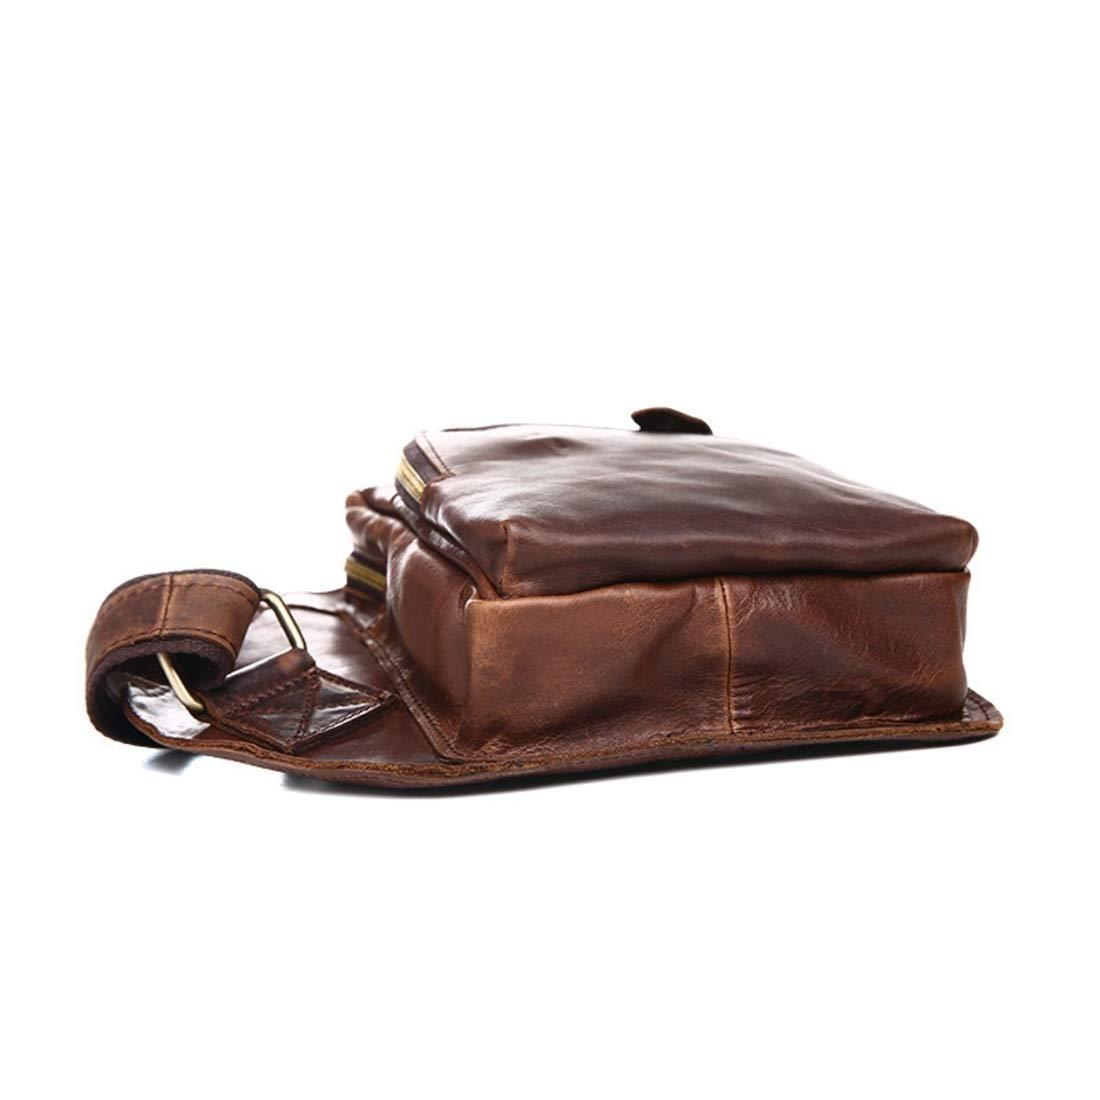 ArotOVL Leder Brusttasche Umhängetasche Crossbody Umhängetasche Umhängetasche für sportliche sportliche sportliche Freizeit Radfahren Business B07PQGB494 Schultertaschen f255b0